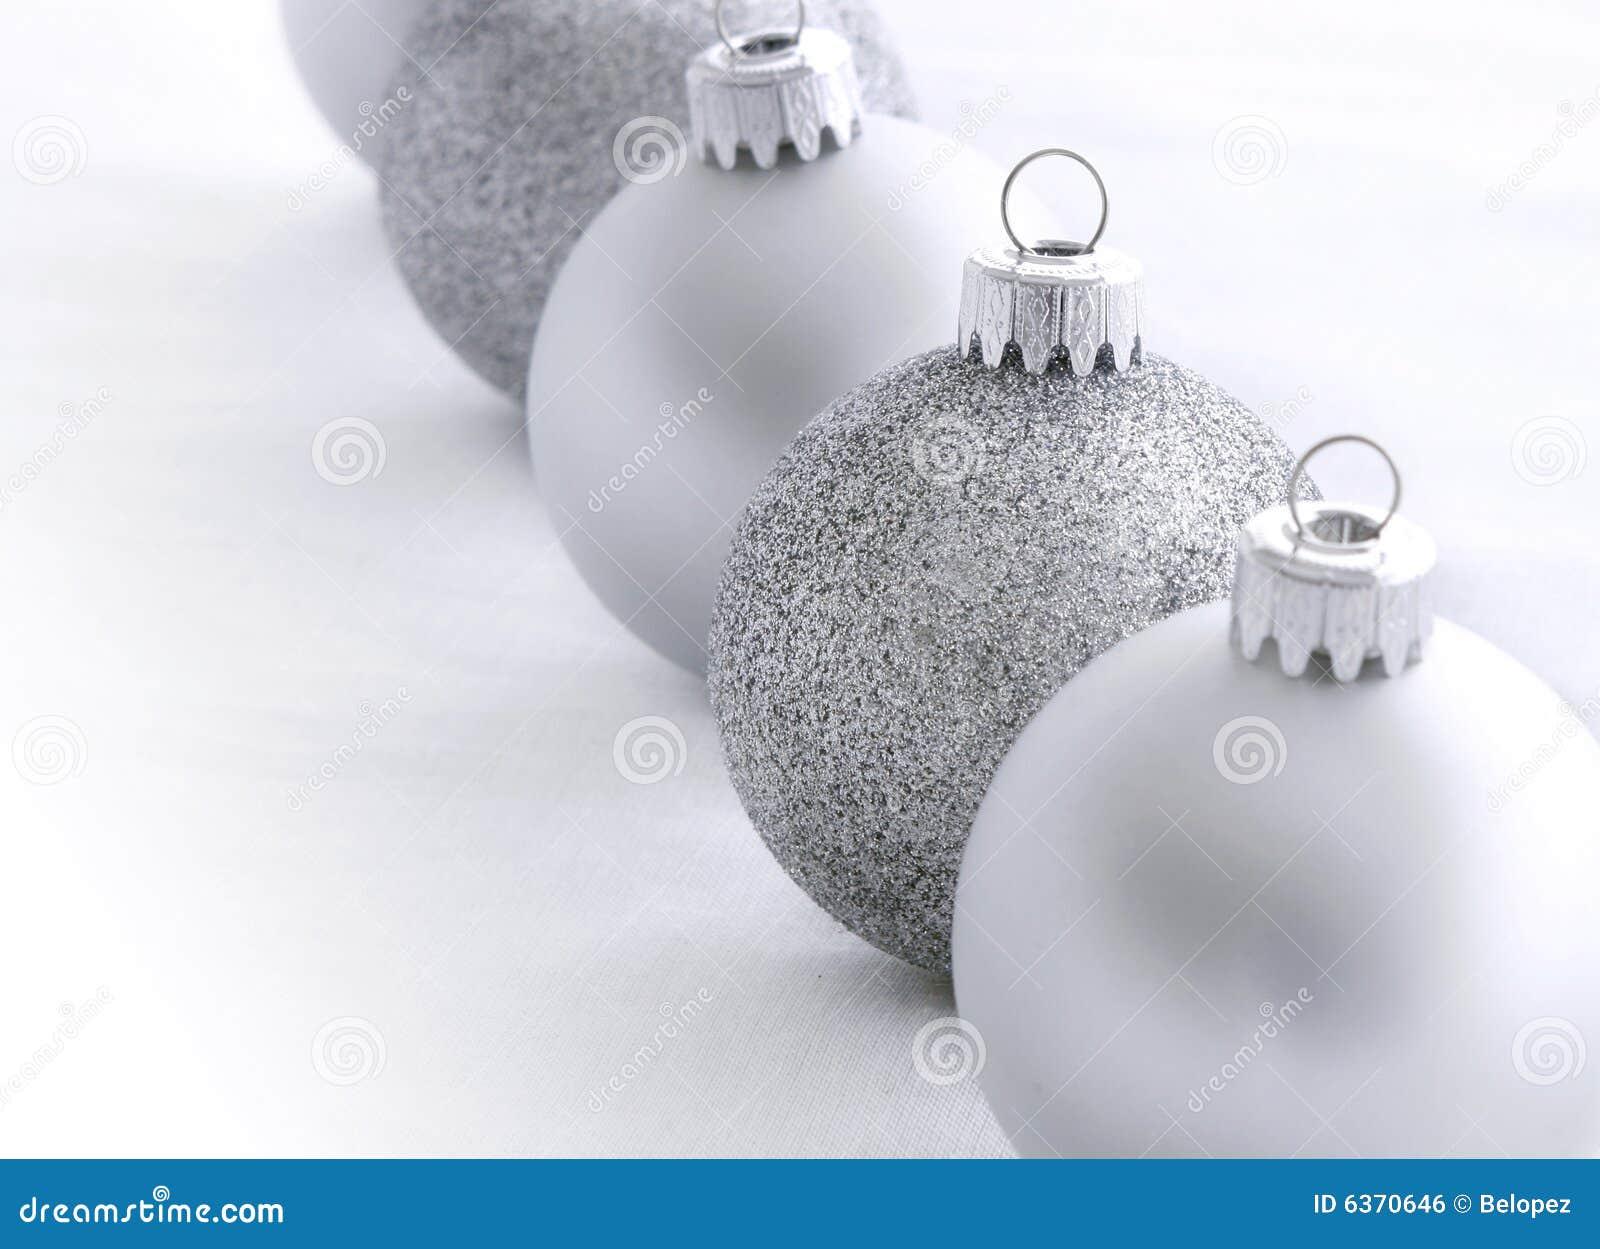 Silberne Weihnachtskugeln.Silberne Weihnachtskugeln Stockfoto Bild Von Abschluss 6370646